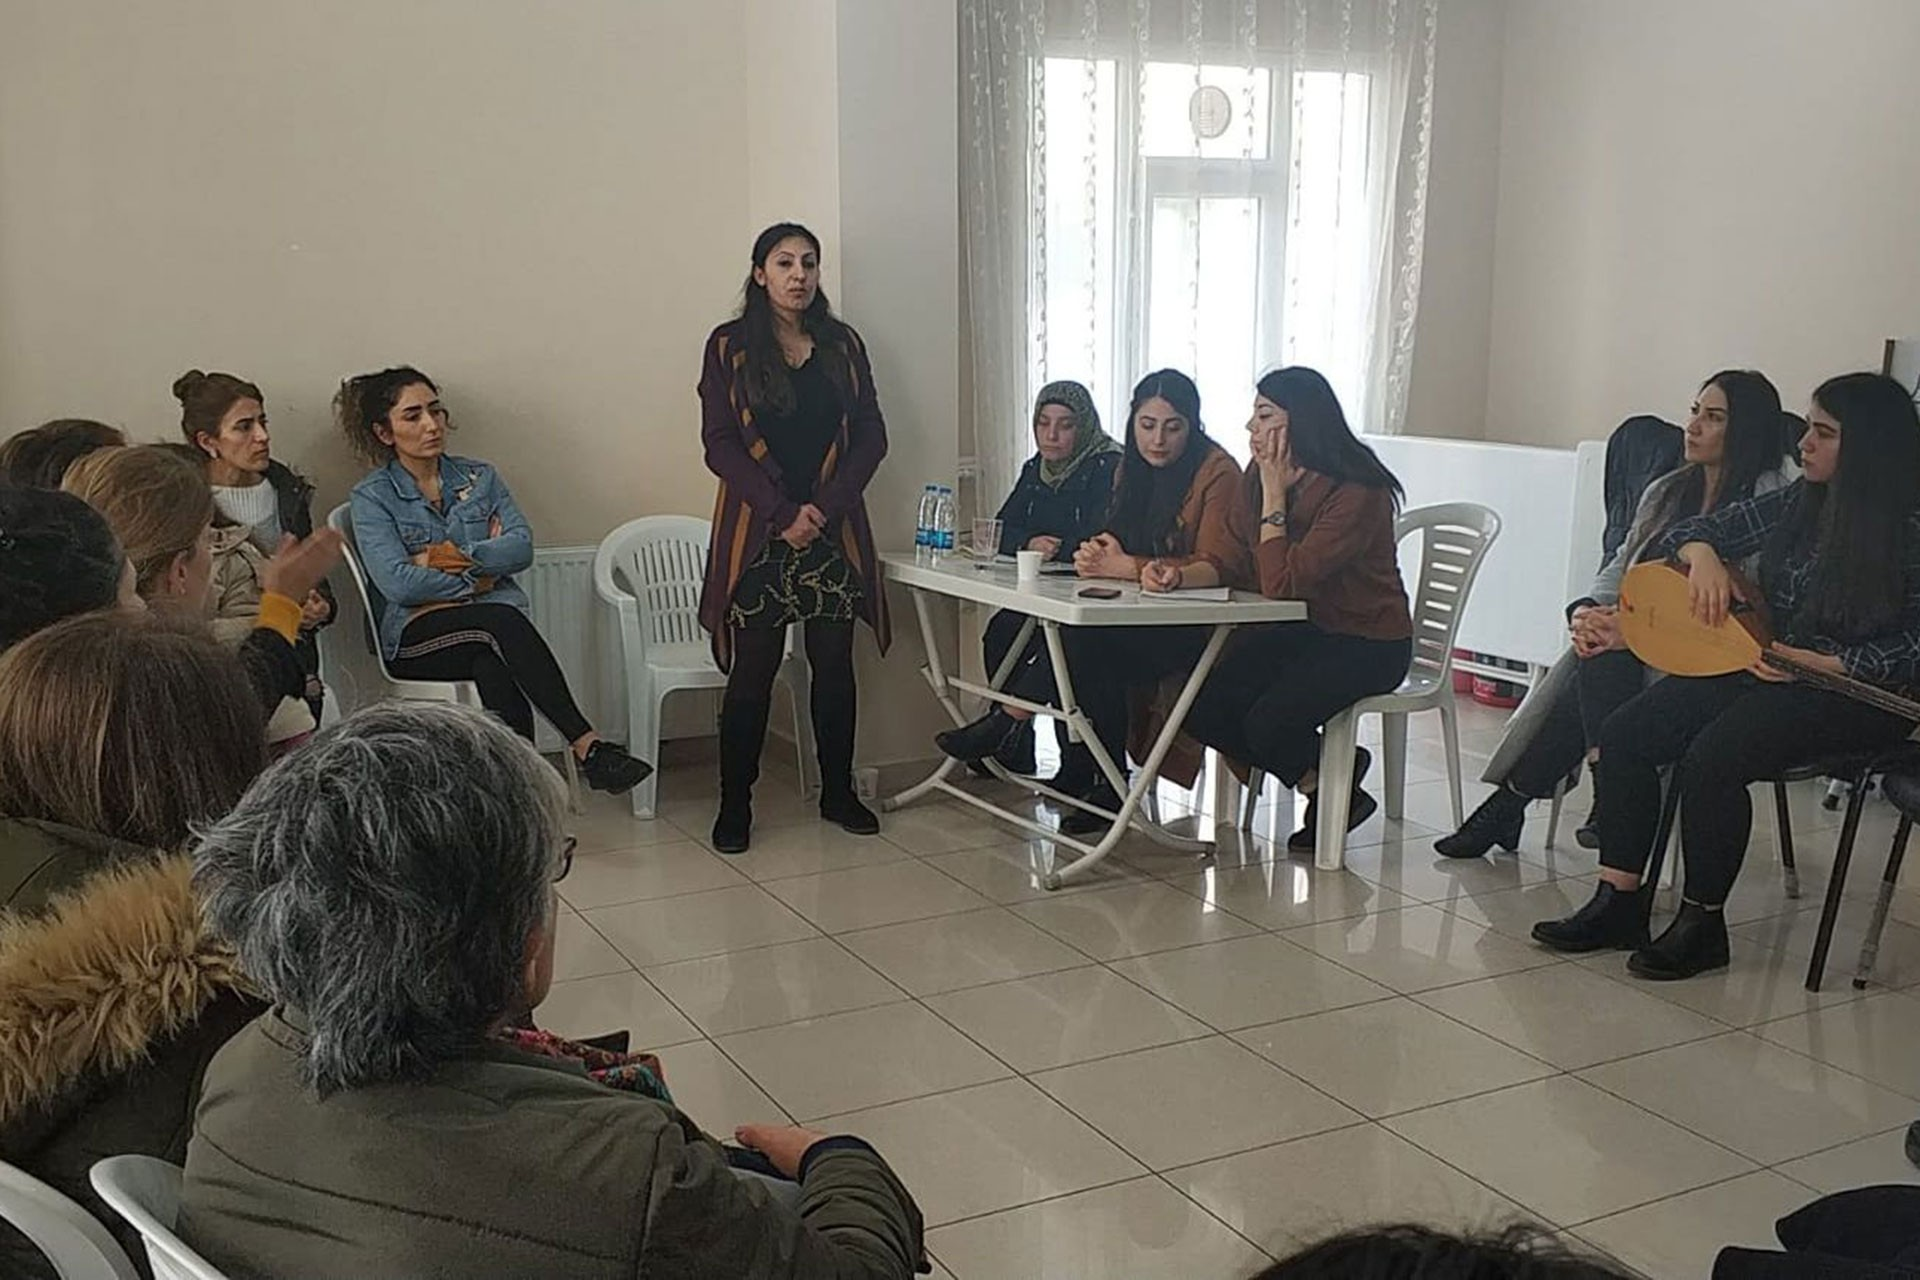 Esenyalı Kadın Dayanışma Derneğindeki etkinliğe katılan kadınlar ve Adile Doğan (ayakta)